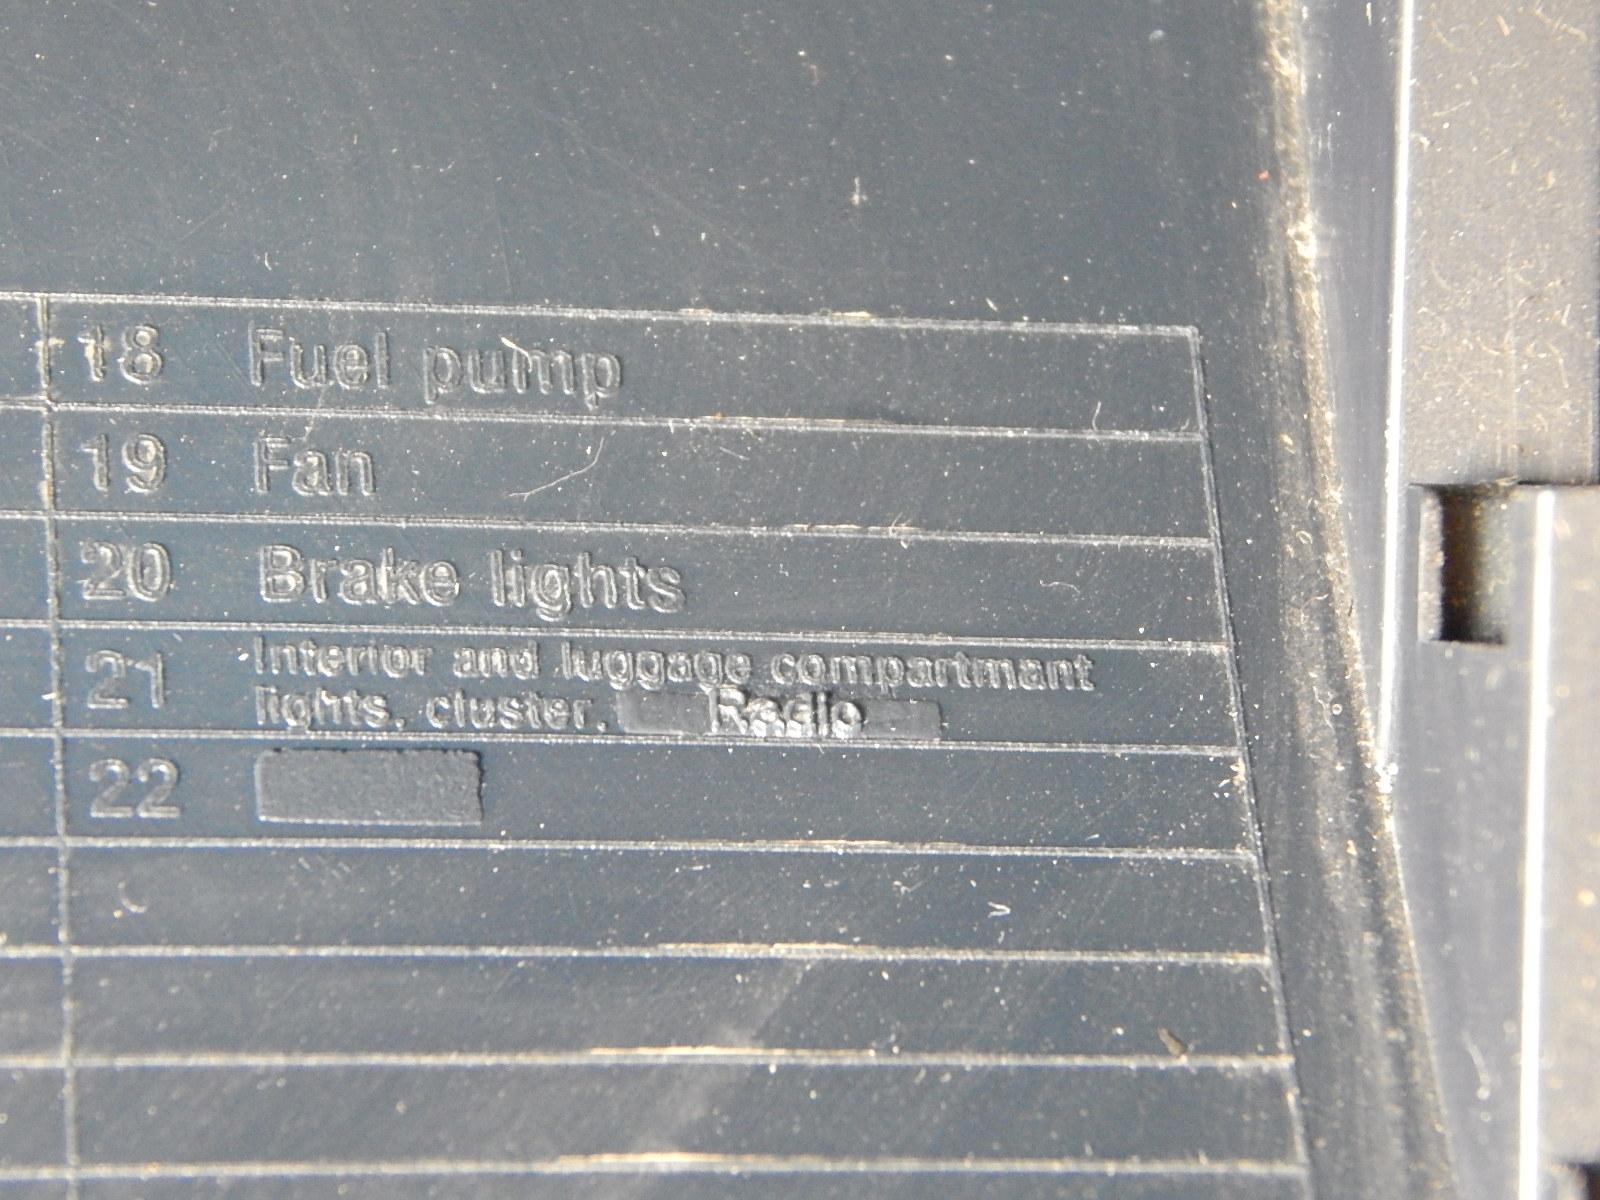 Vw sharan 1,9 TDI 1996r  - Du�y pob�r pr�du 1,5 A na bezpieczniku 21